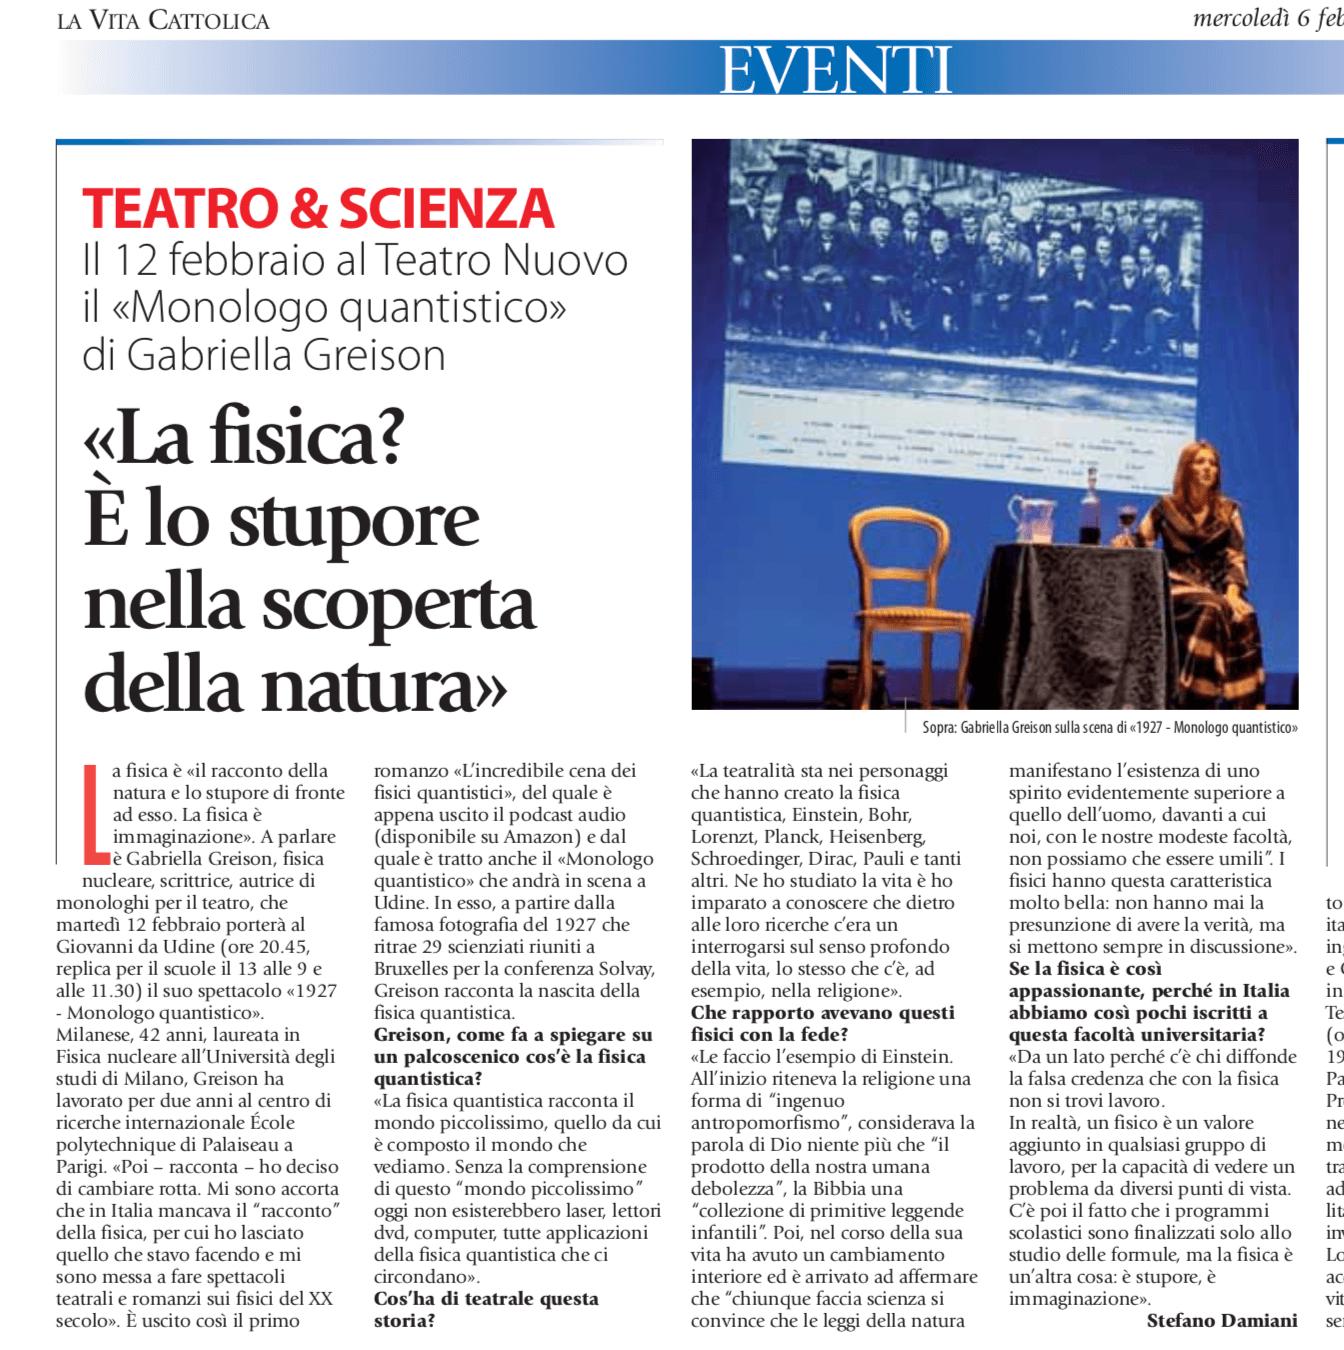 Teatro Nuovo di Napoli pieno con 1927 MONOLOGO QUANTISTICO, e anche quello di Udine…punto a 200 repliche! E nuova intervista…